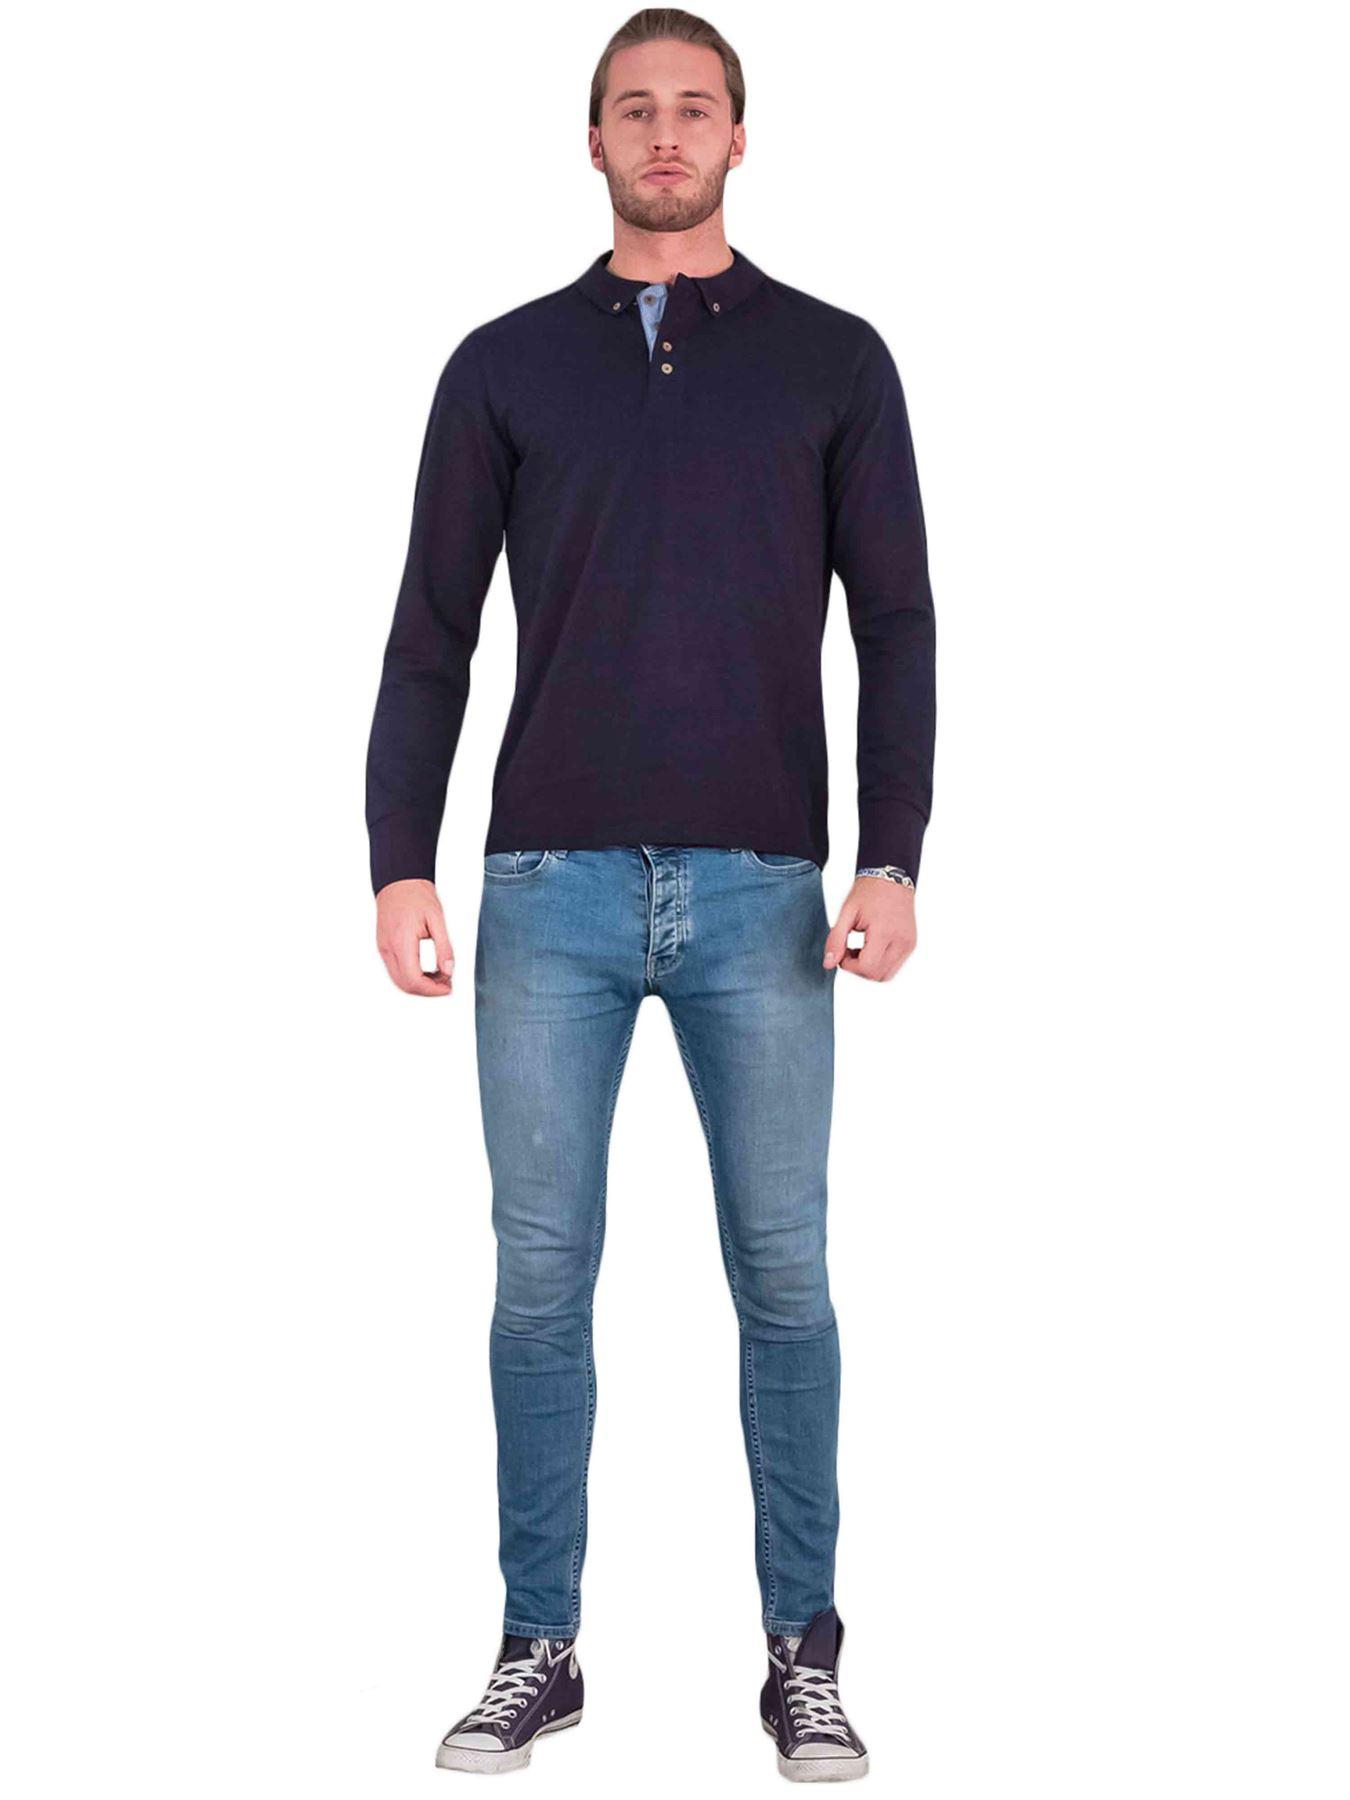 Homme-Polo-Brave-Soul-Lincoln-a-Manches-Longues-A-Col-Coton-Pique-Haut-Decontracte-Chemise miniature 9